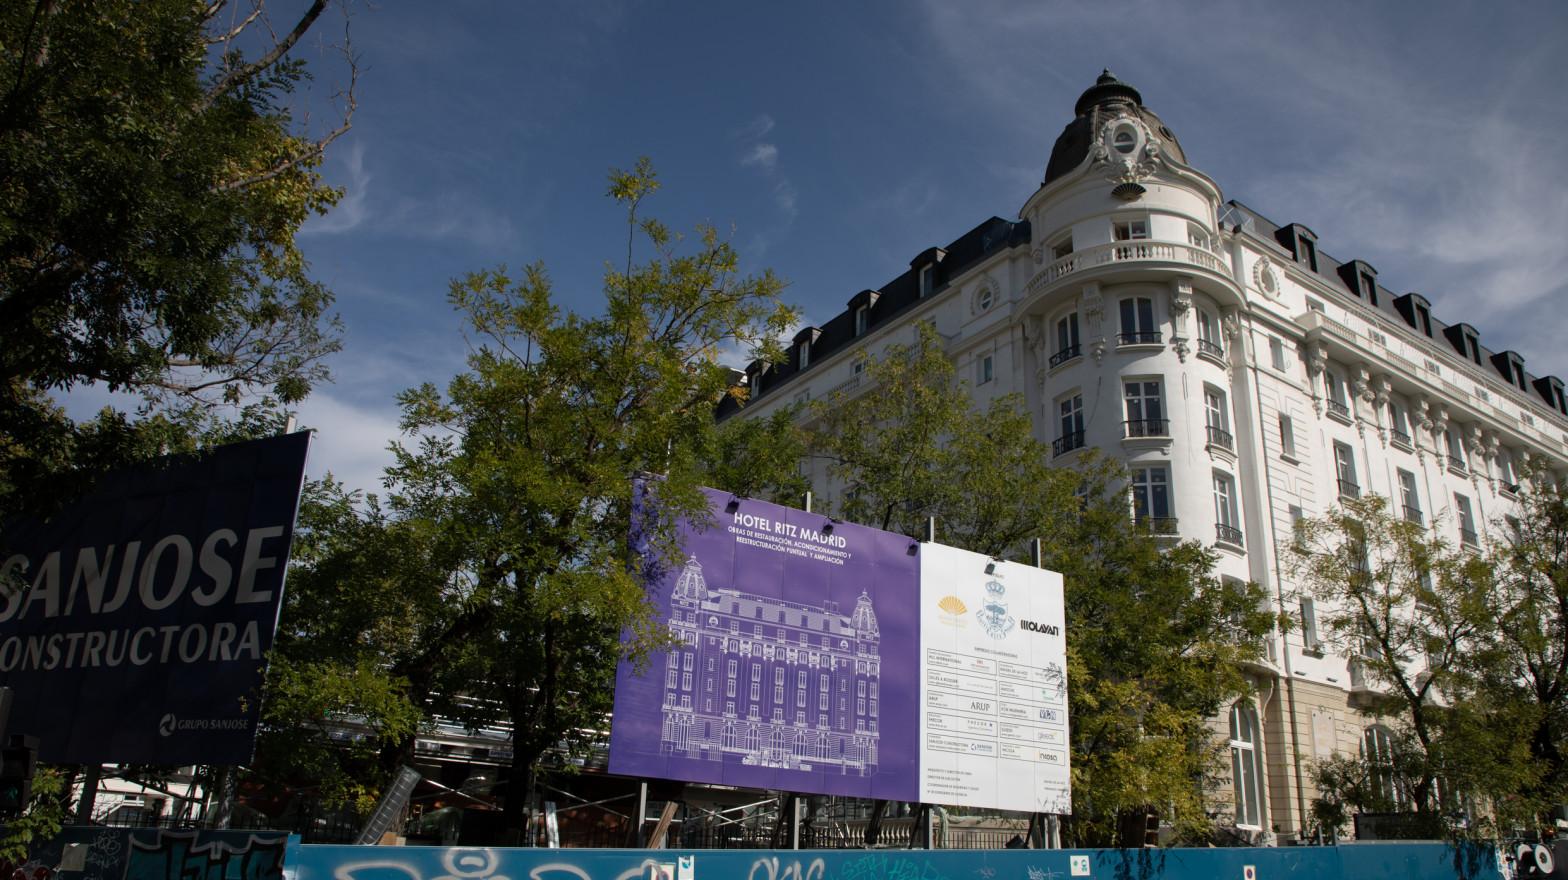 Mandarin reabrirá el hotel Ritz de Madrid en abril tras más de un año de retrasos